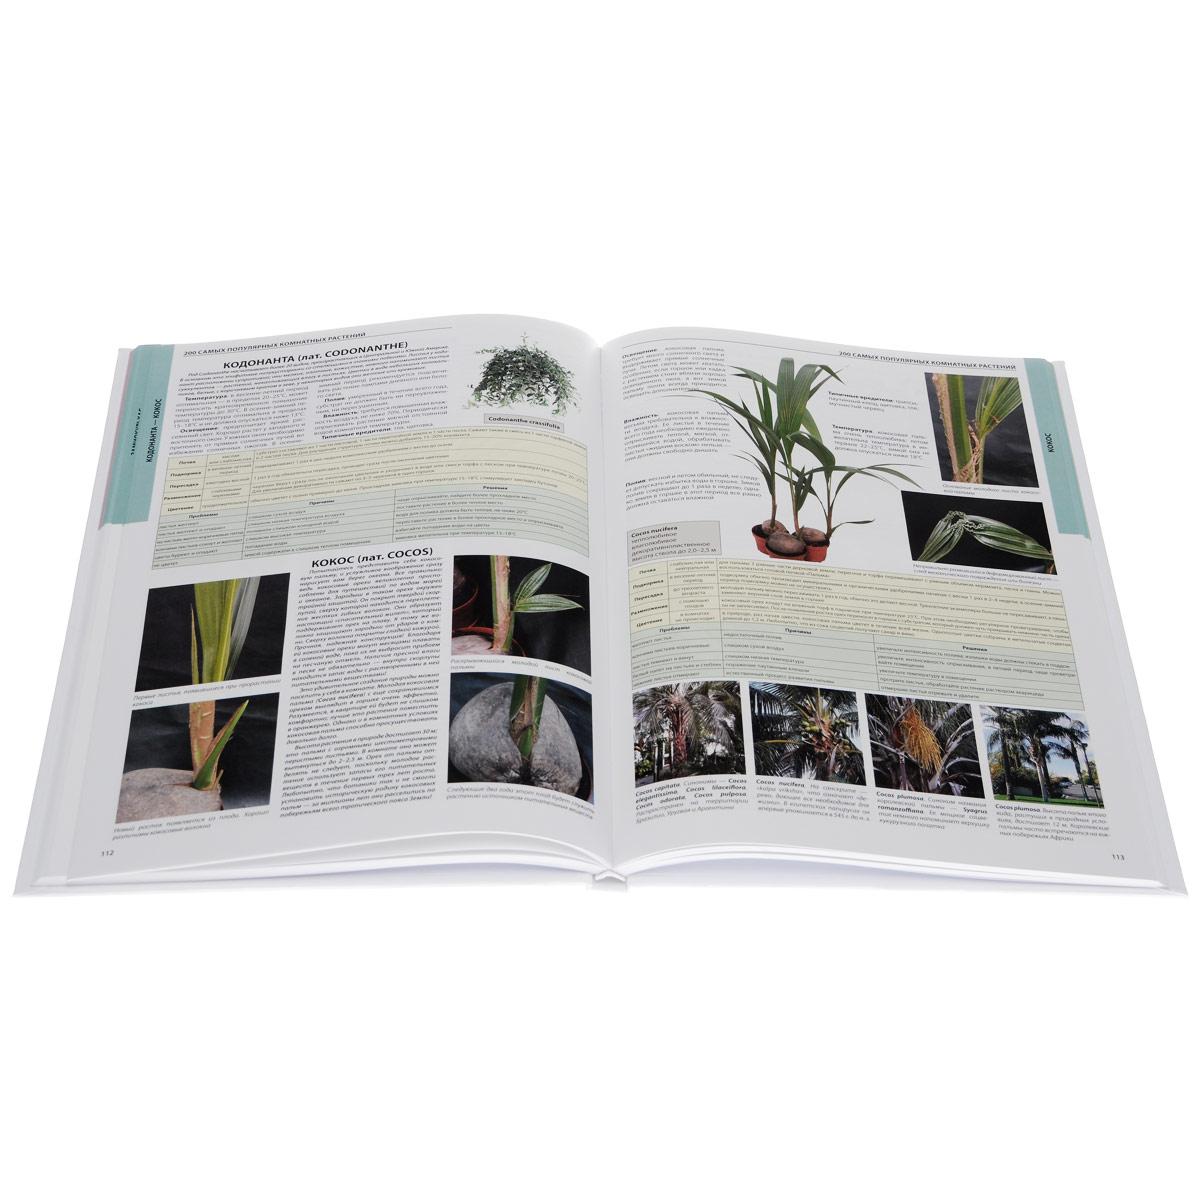 Комнатные растения. Особенности. Разведение. Уход